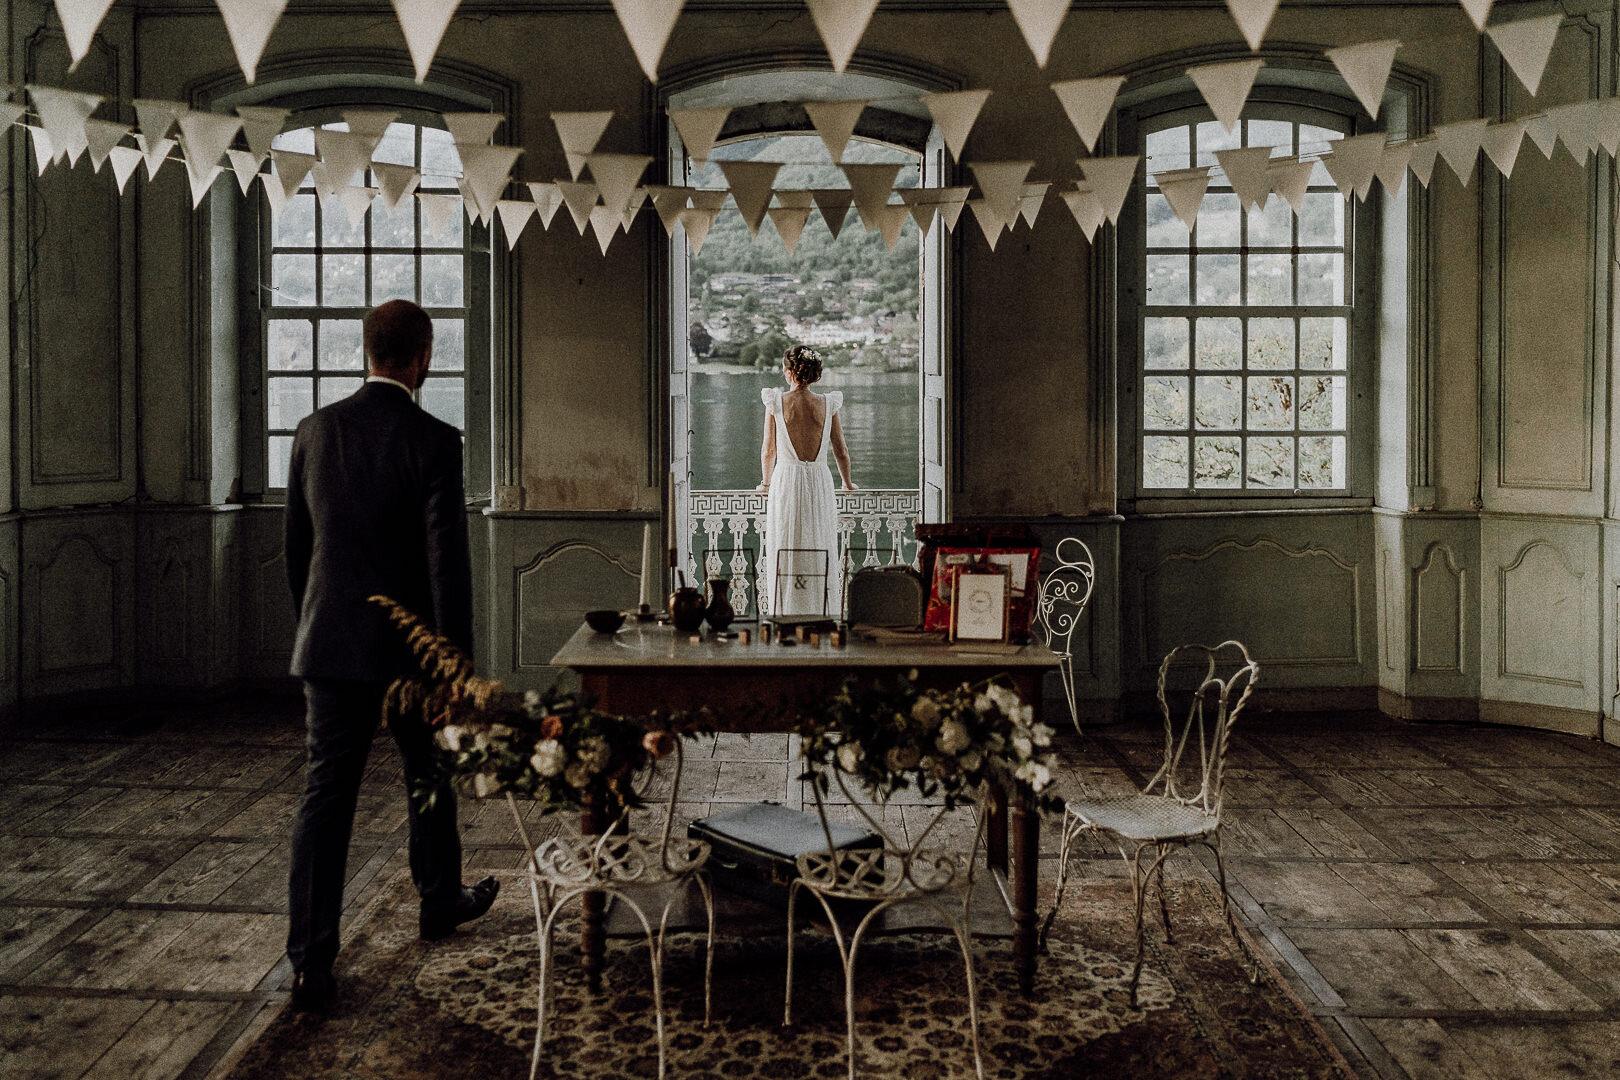 Sophie et Laurent-chateau de duingt-atelier jeanne pons- kewin-connin-jackson-917.jpg